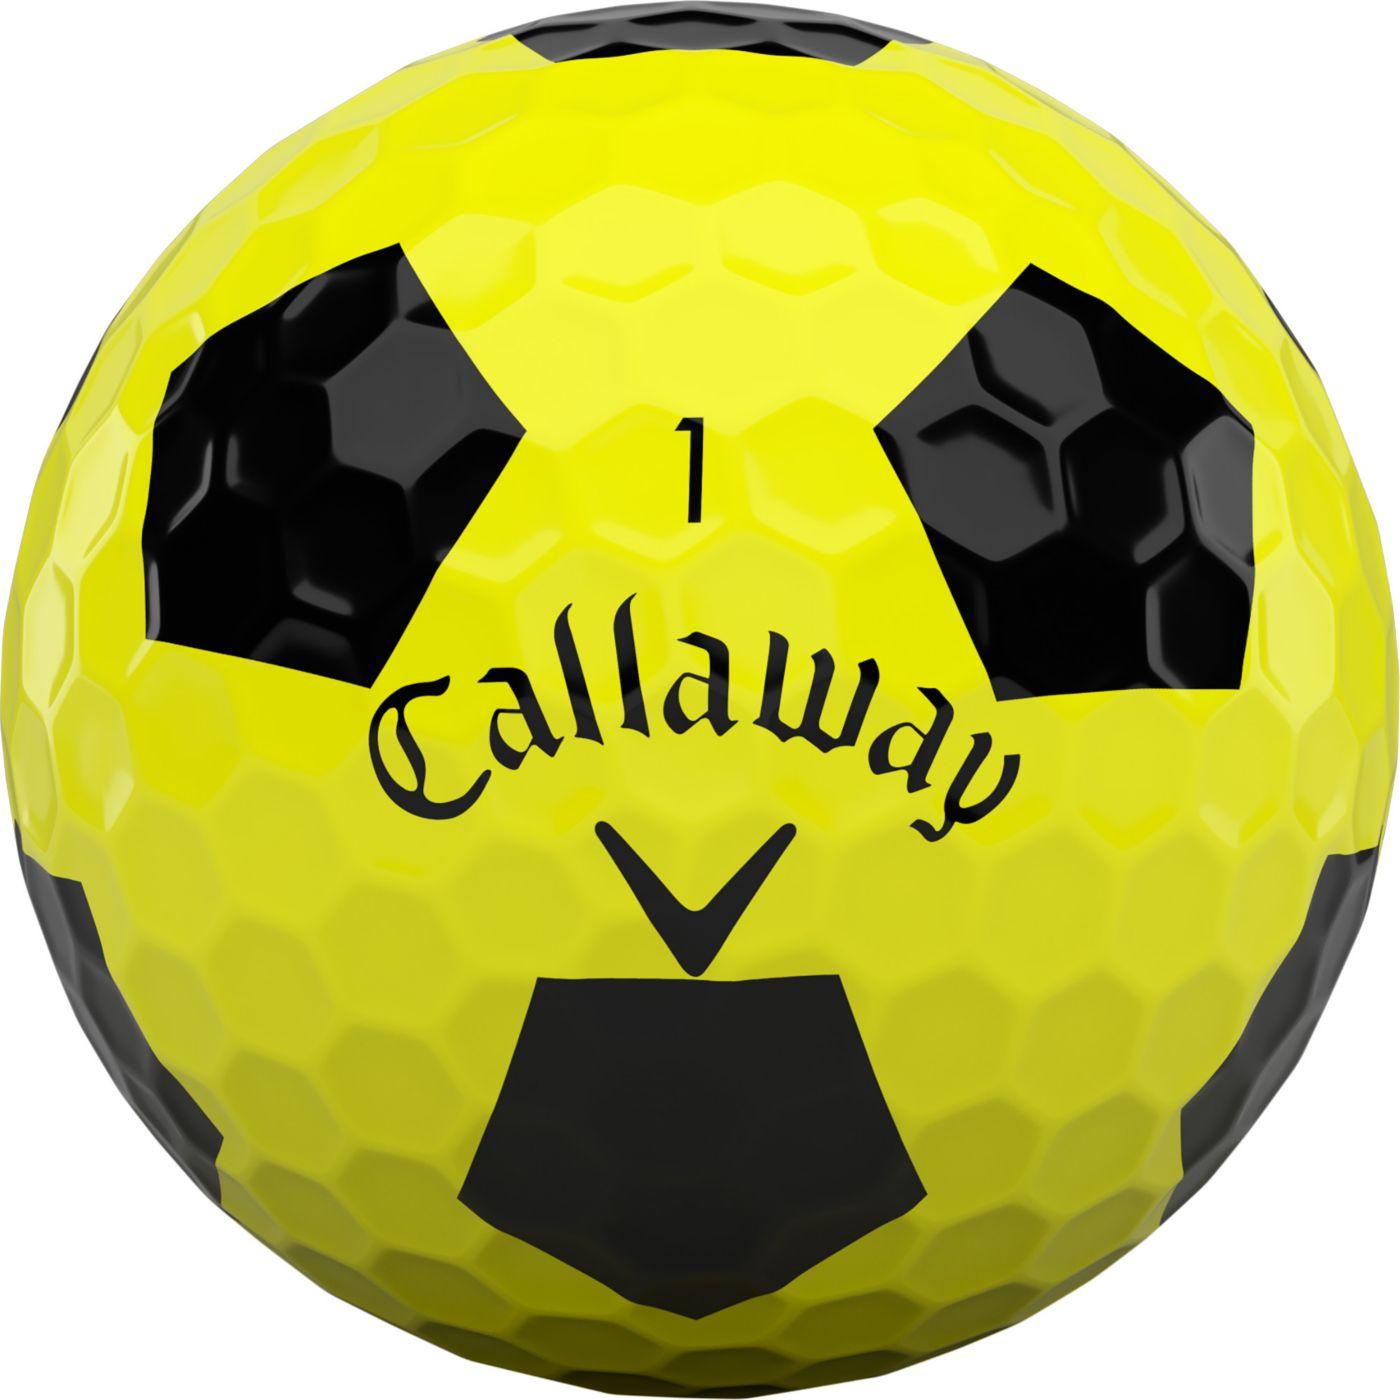 Callaway 2020 Chrome Soft Truvis Yellow Golf Balls